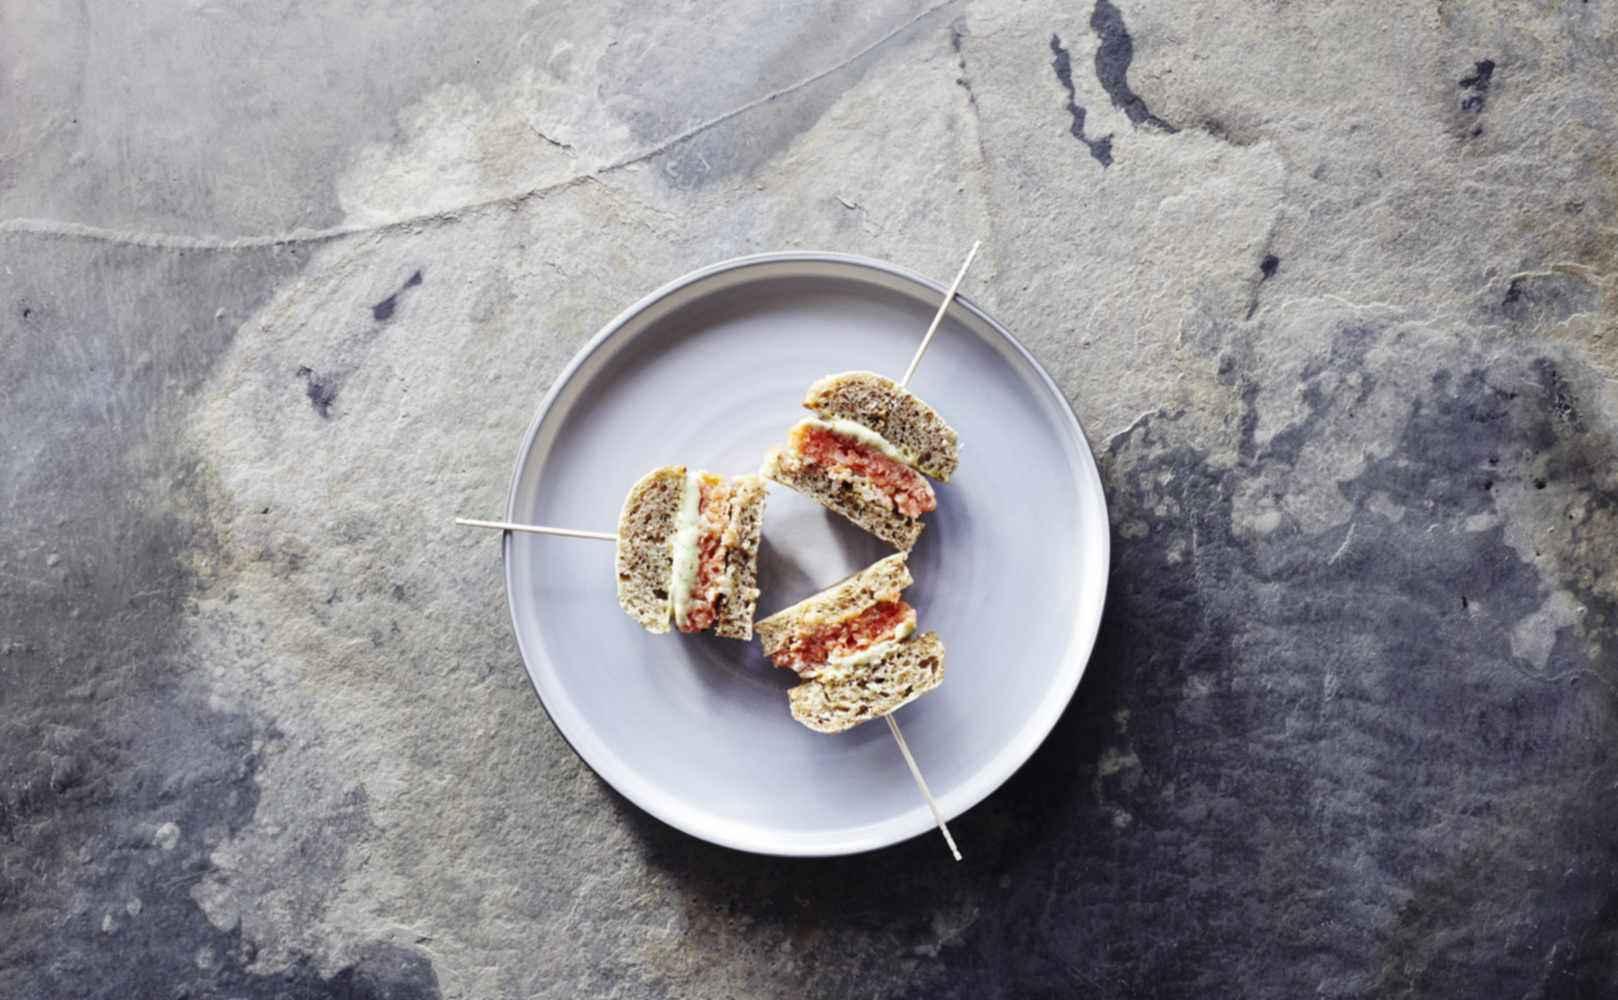 Fjordforellen-Burger | Treber-Brot | Sauerklee-Creme